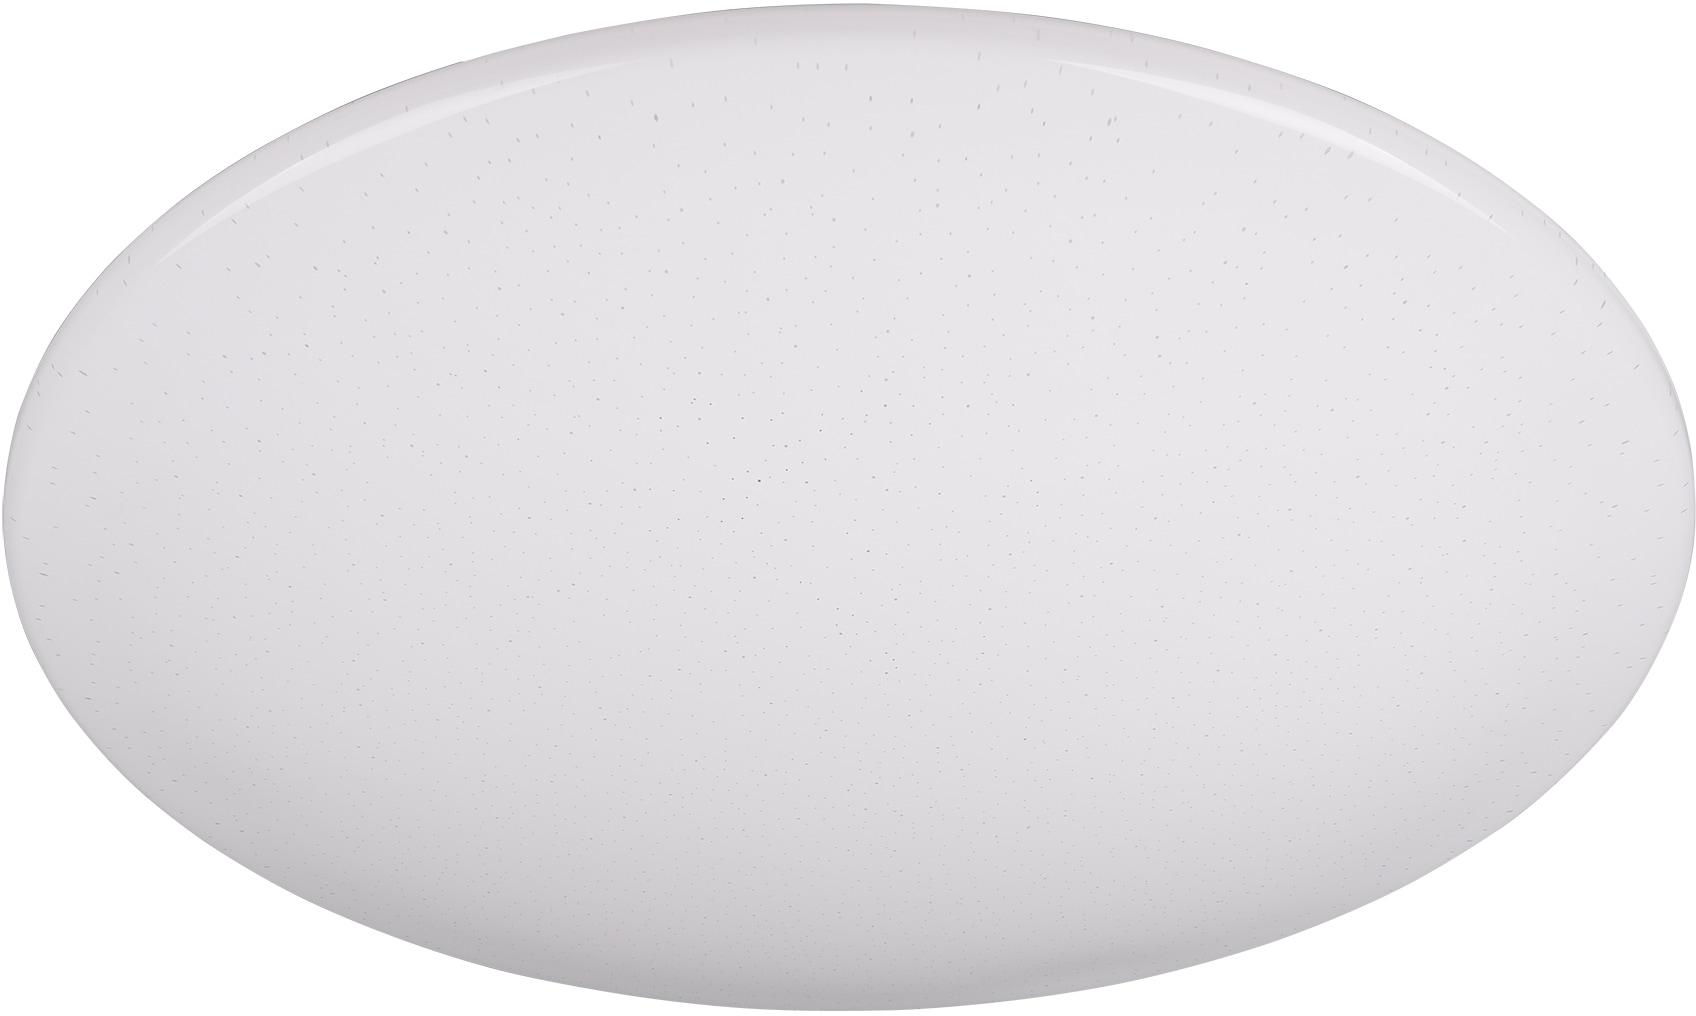 TRIO Leuchten LED Deckenleuchte FARA, LED-Board, 1 St., Farbwechsler, LED Deckenlampe